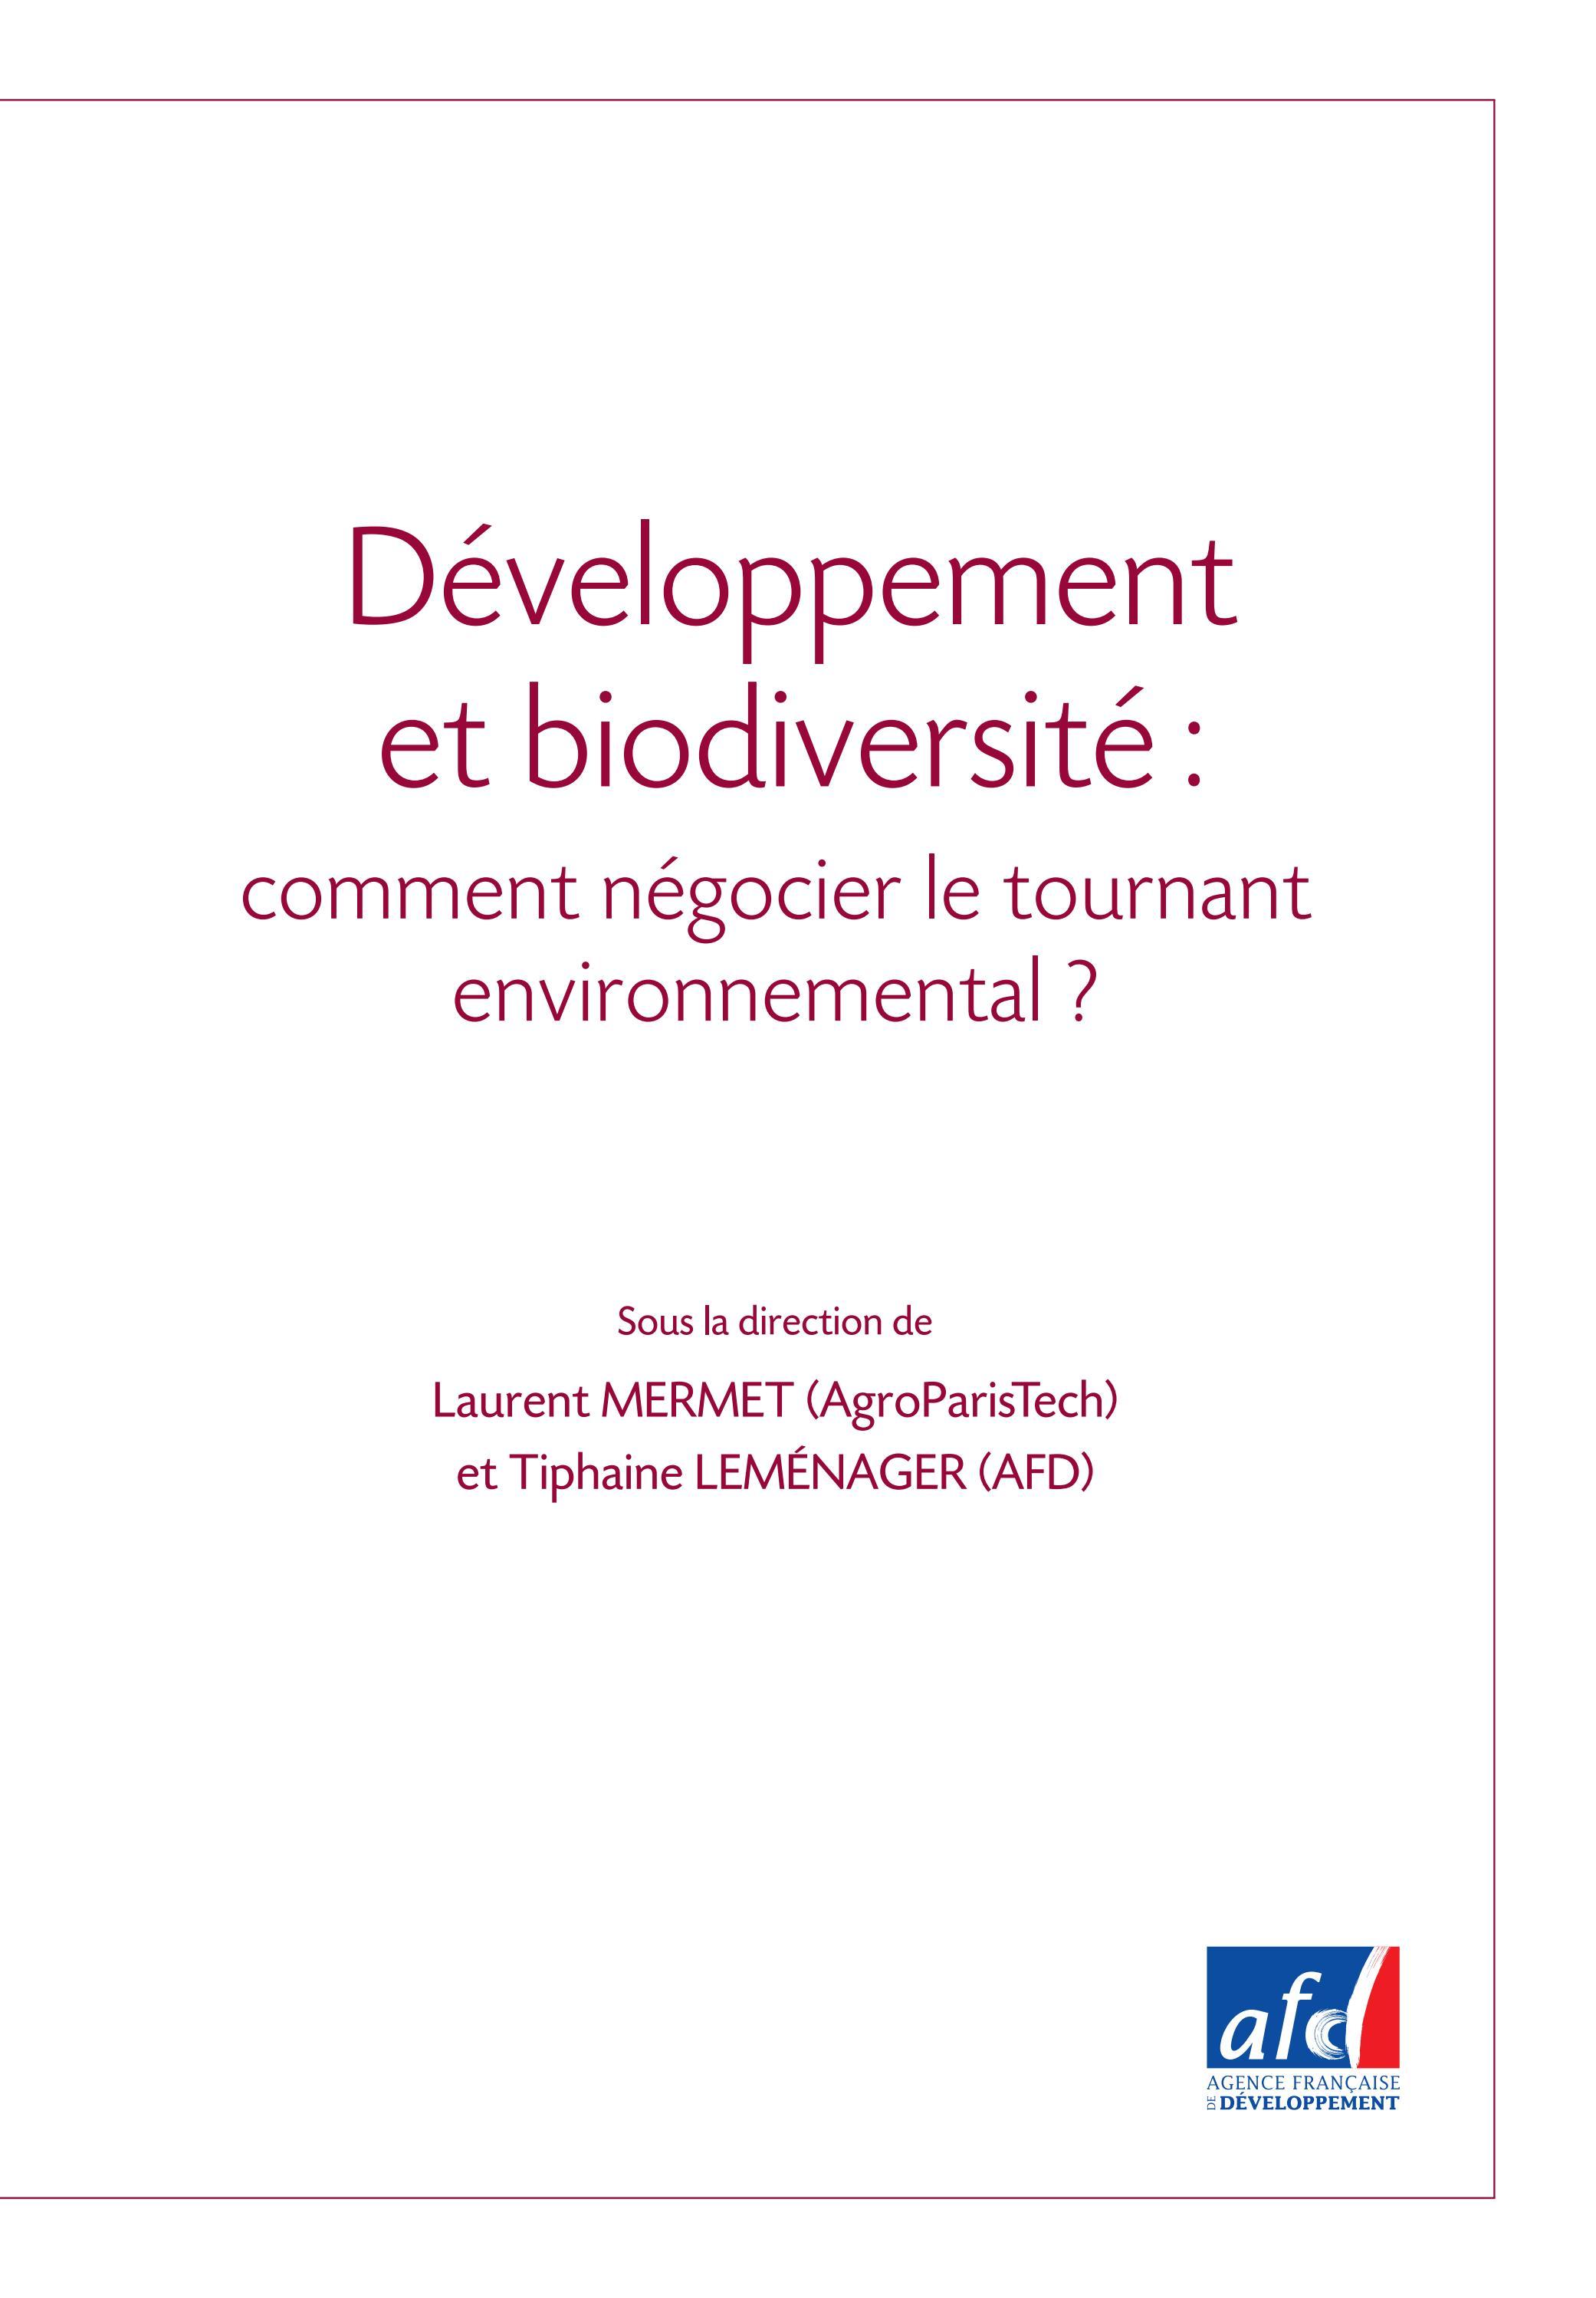 Développement et biodiversité  comment négocier le tournant environnemental    by Agence Française de Développement - issuu 3046f34aaa3